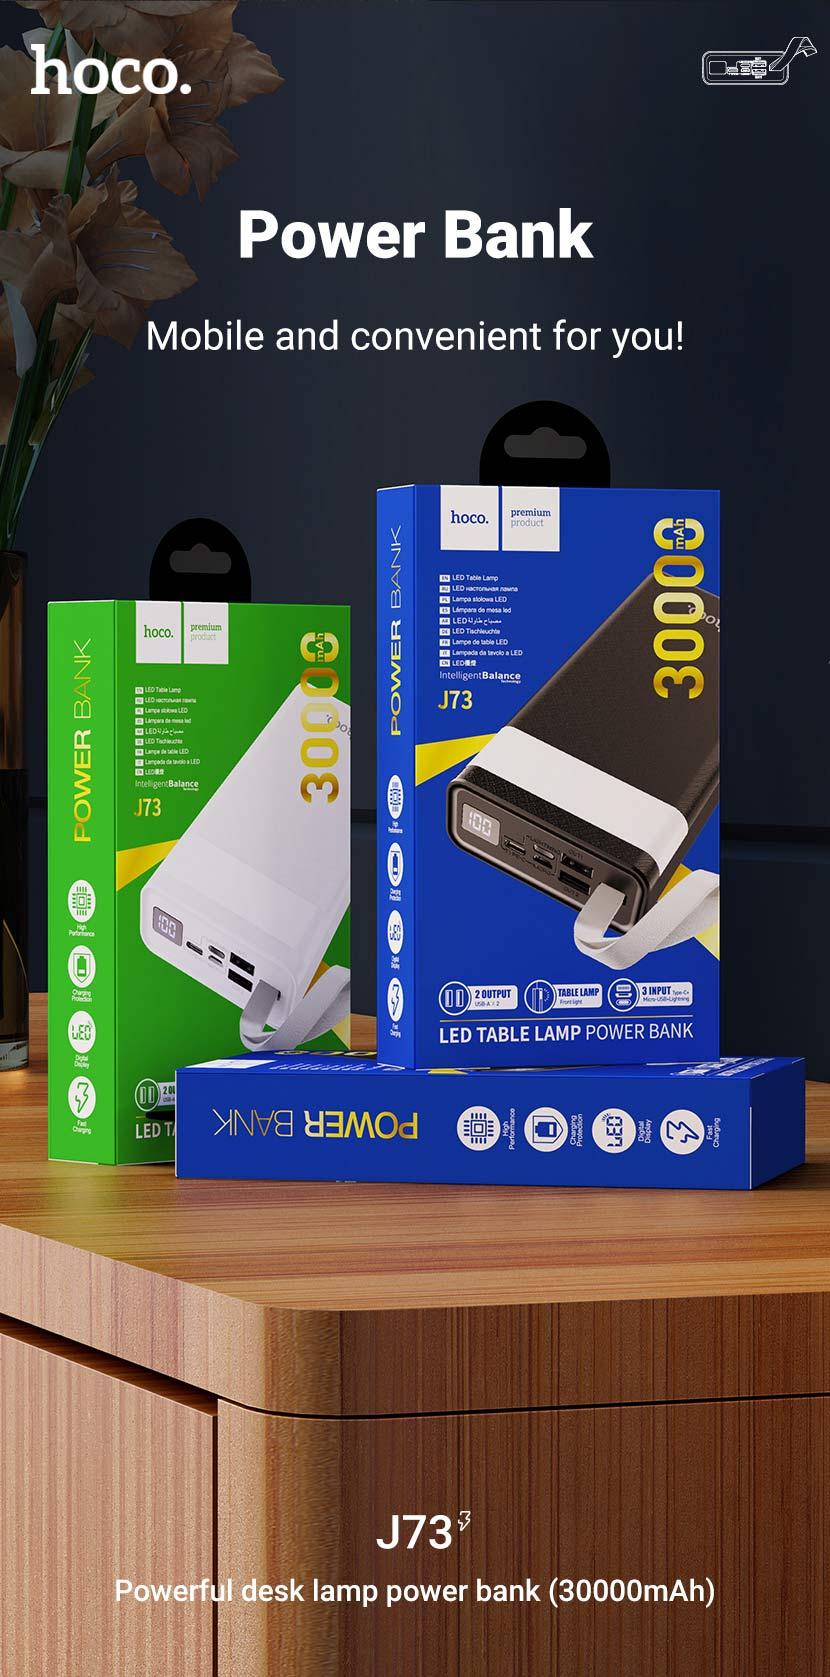 hoco news j73 powerful desk lamp power bank 30000mah package en